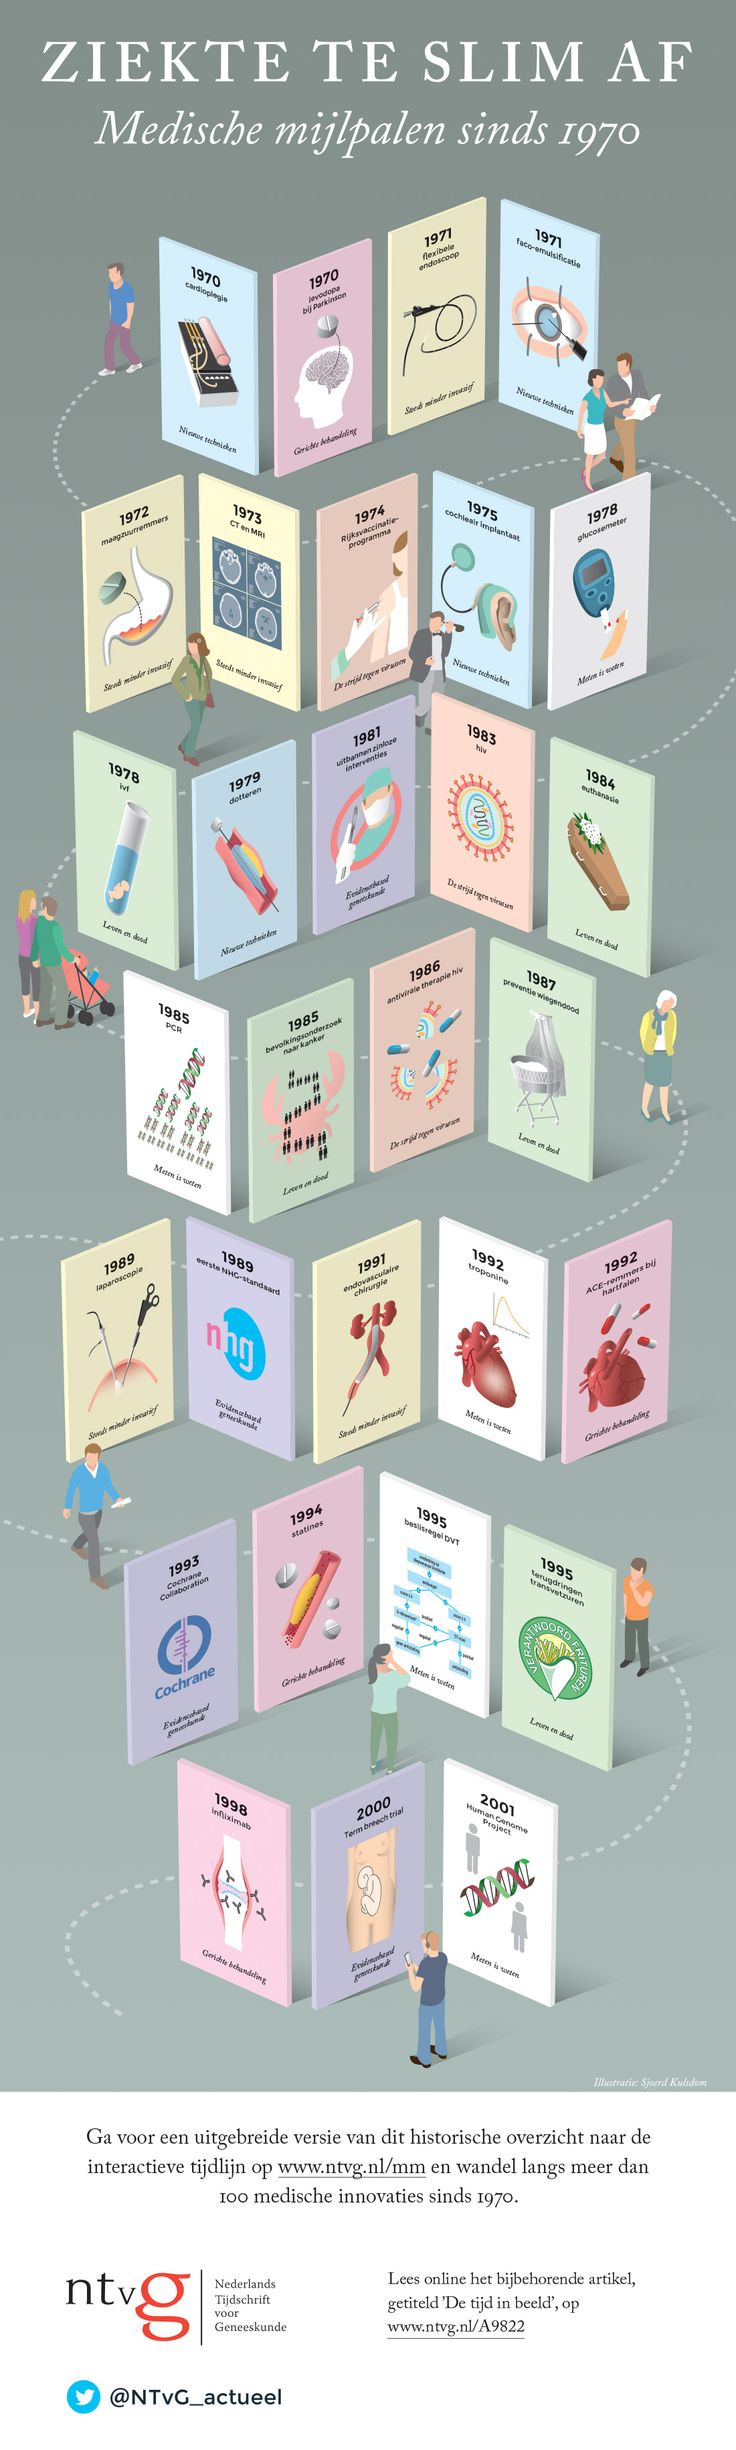 Ziekte te slim af   Nederlands Tijdschrift voor Geneeskunde